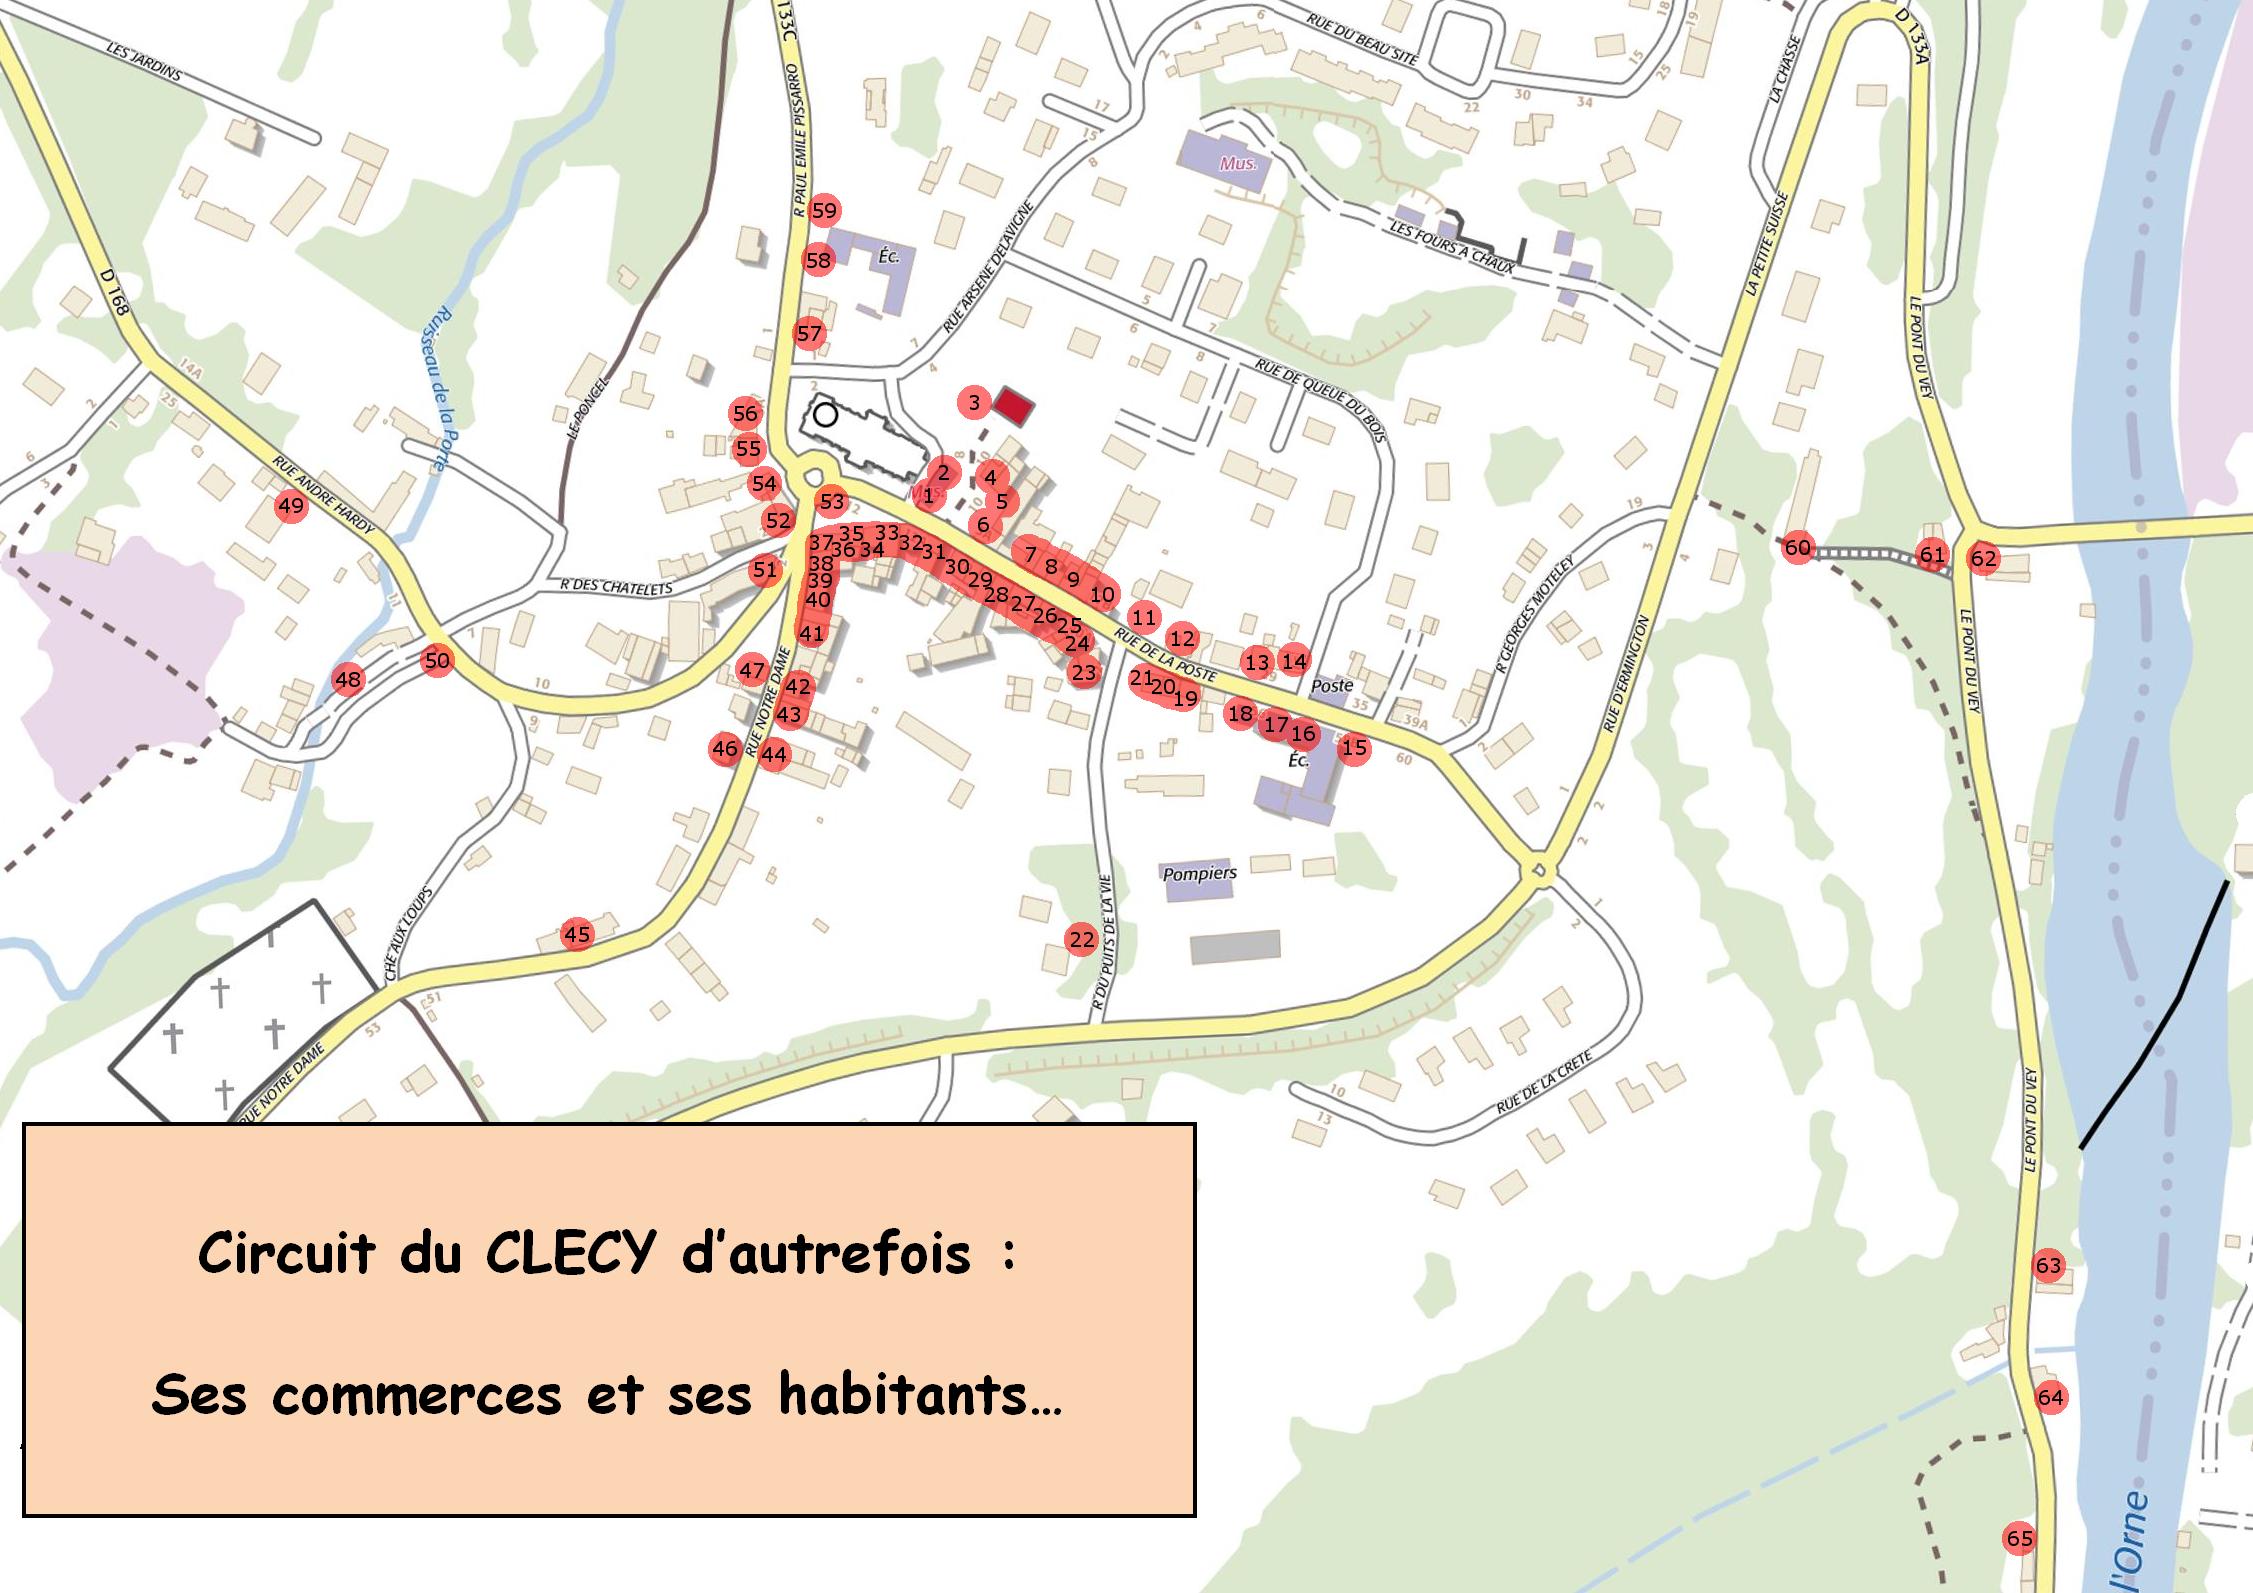 Circuit du Clécy d'autrefois